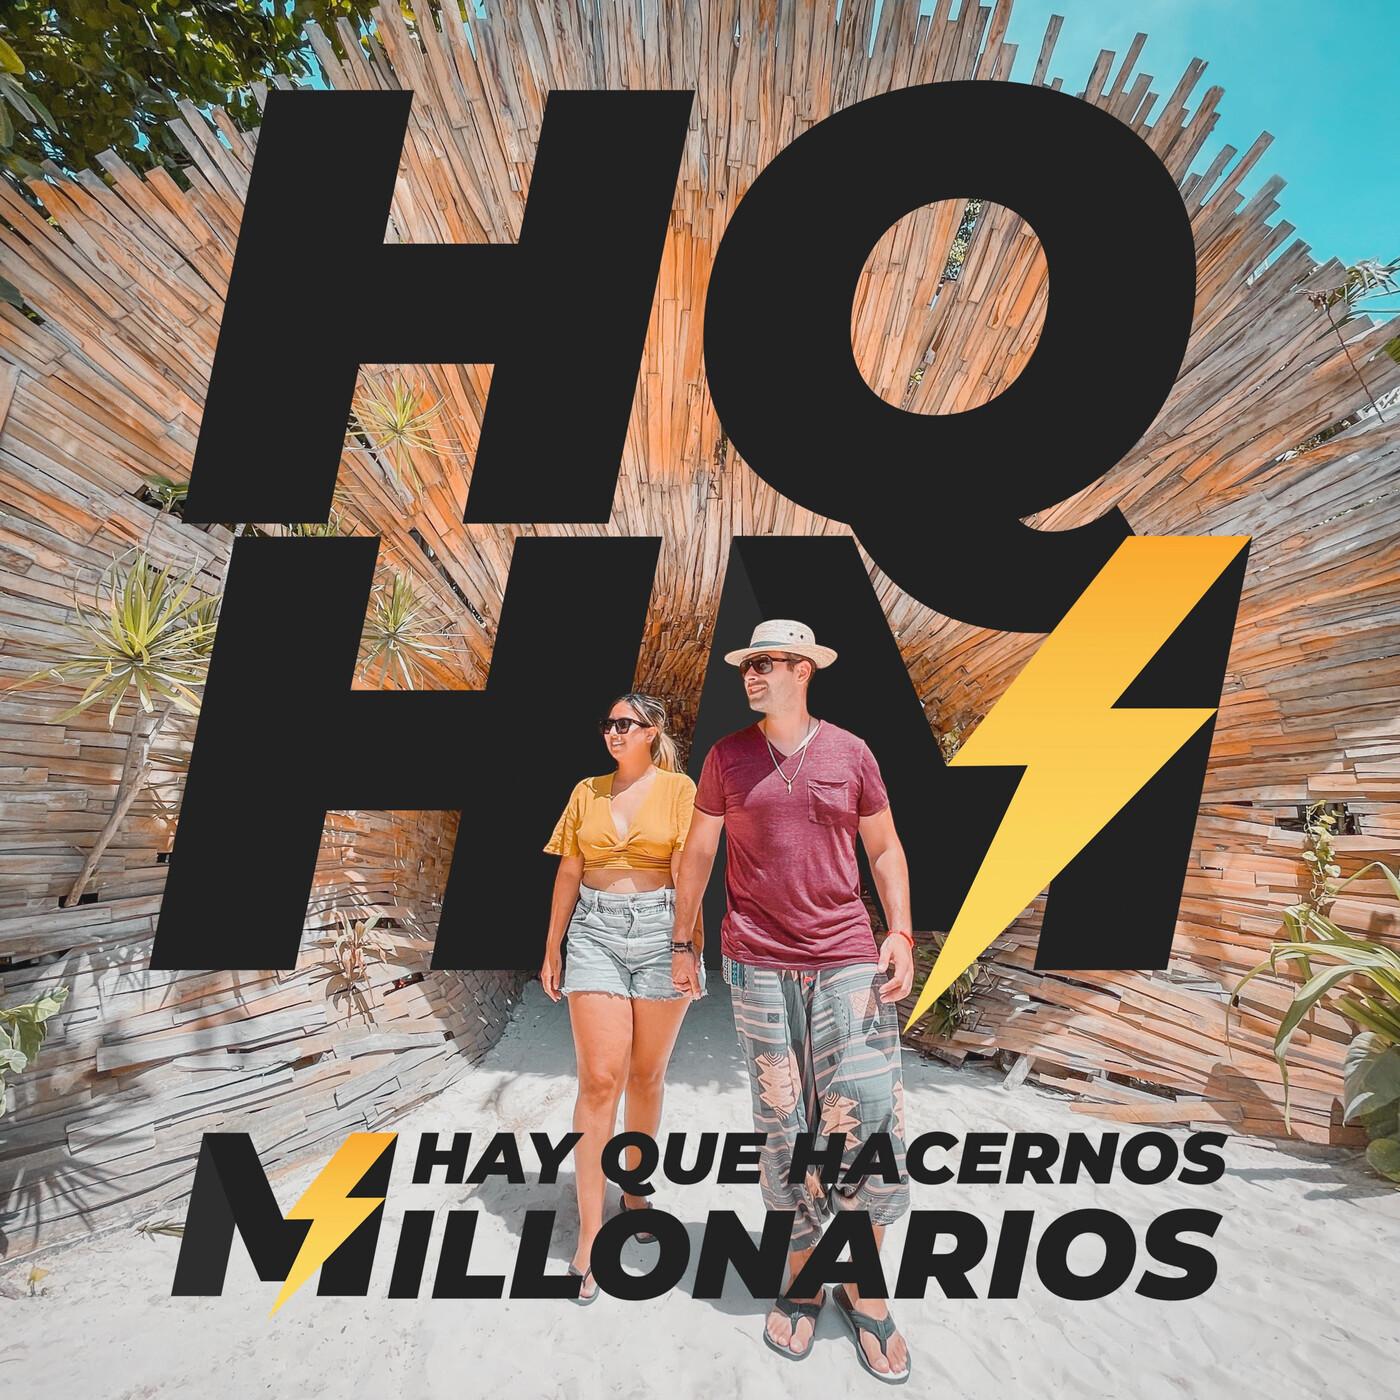 044: Antes Empleado, Hoy Millonario por Iván Tapia, lecciones y aprendizajes de éxito